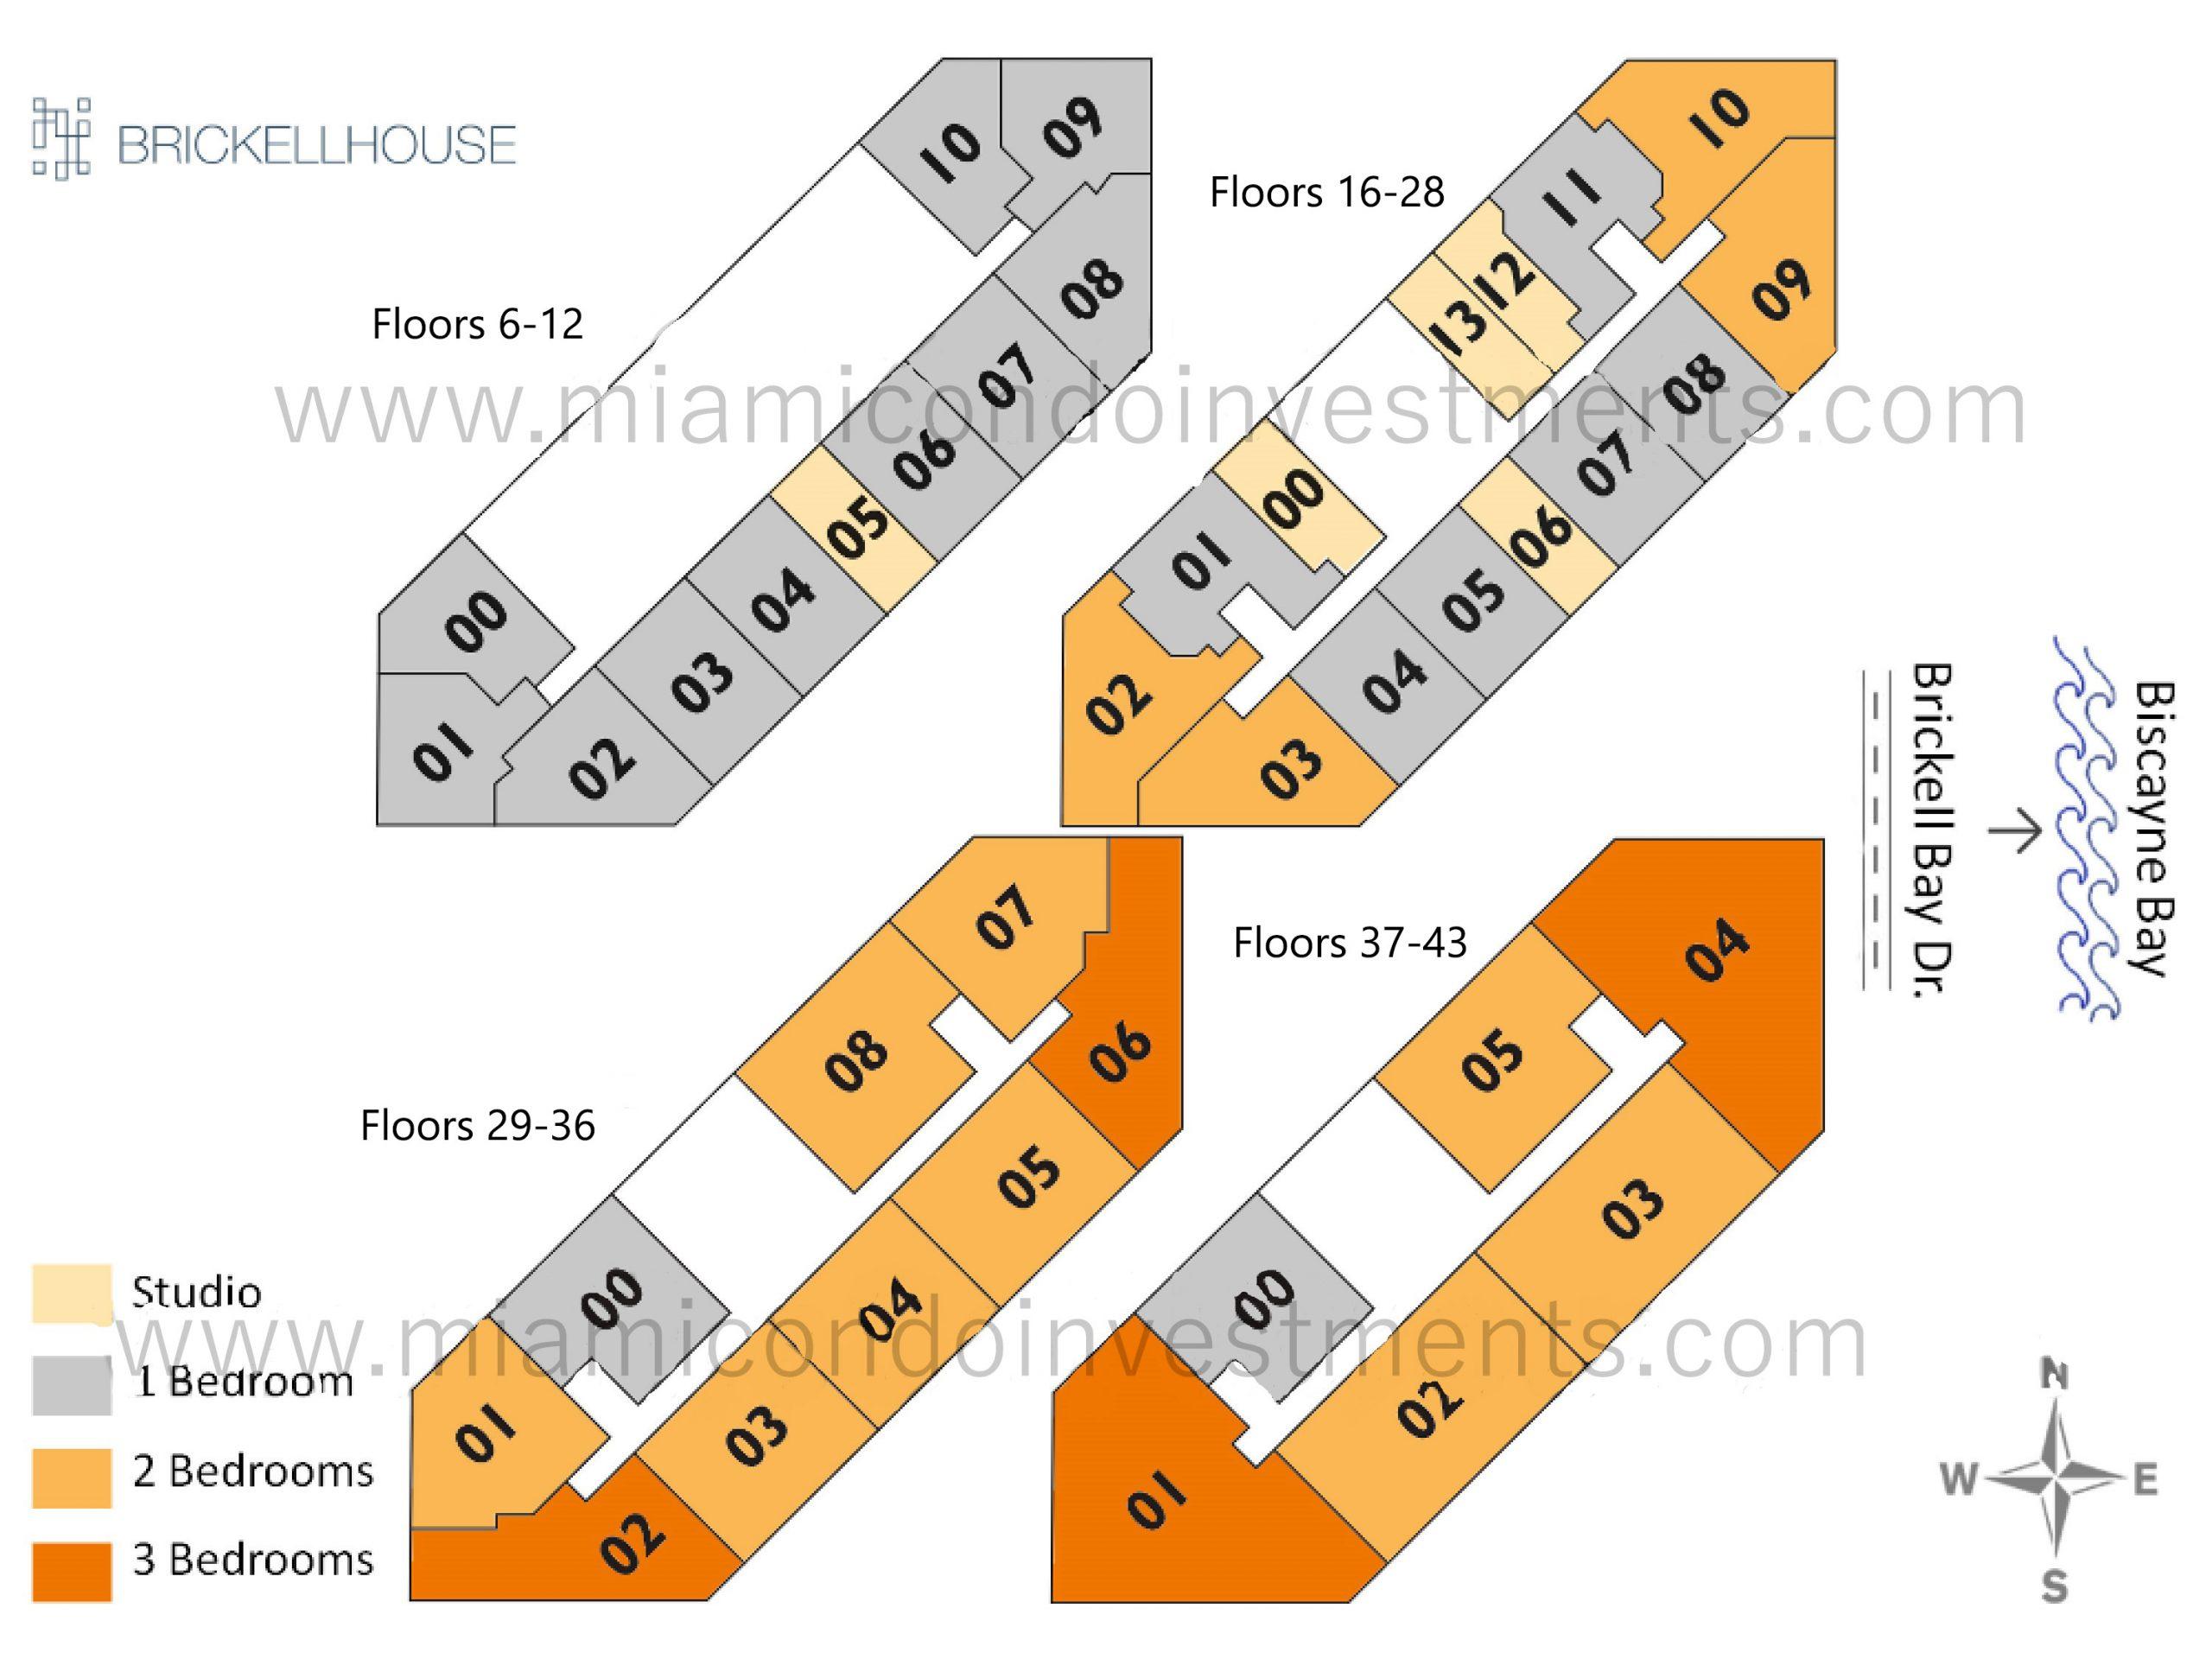 Floorplans 1 - Floors 6-12